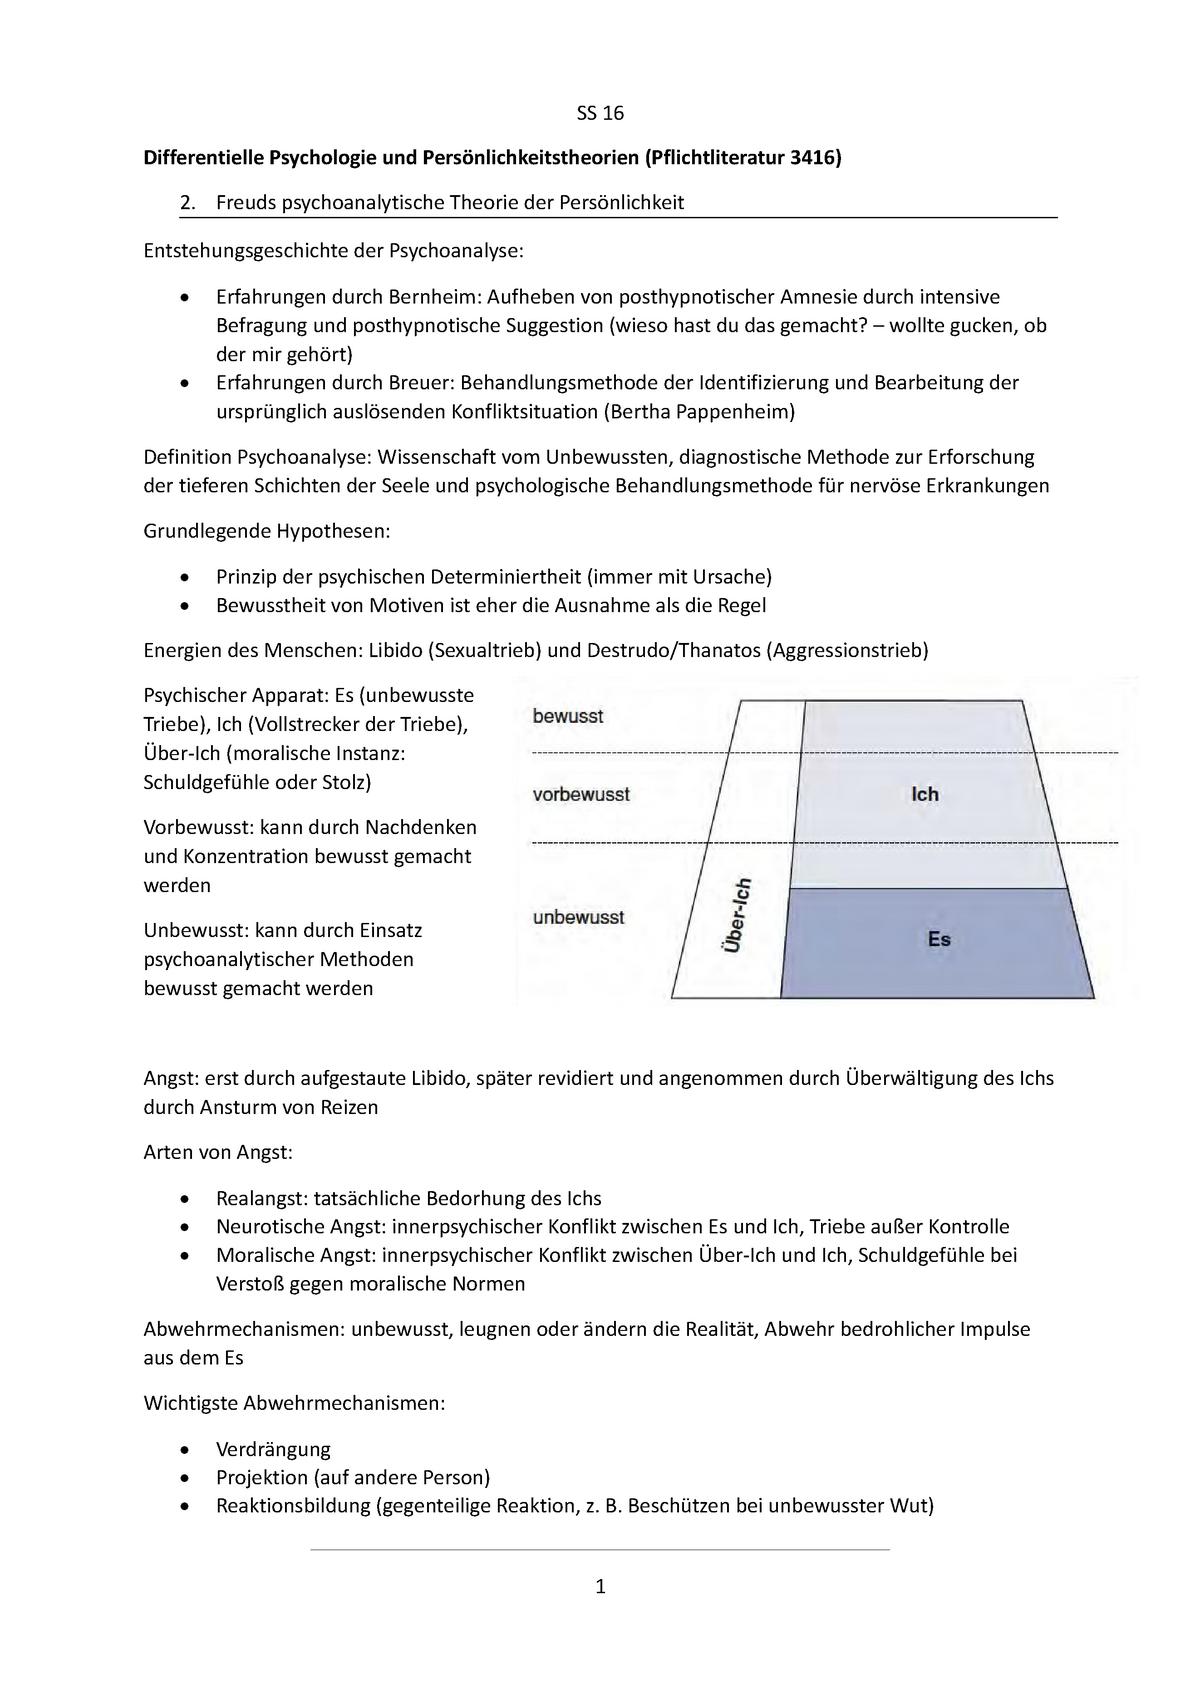 Abwehrmechanismen Freud Beispiele differentielle psychologie und persönlichkeitstheorien - studocu